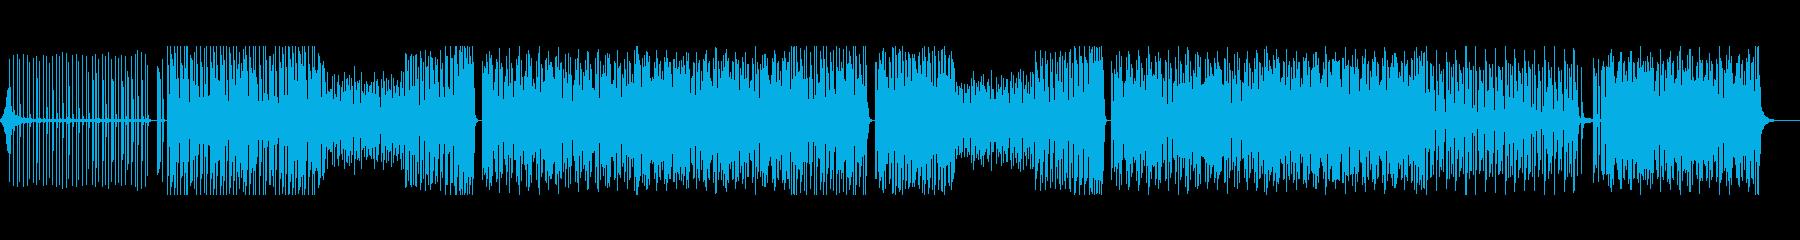 レゲトン 夏 ビーチ ナイトクラブの再生済みの波形